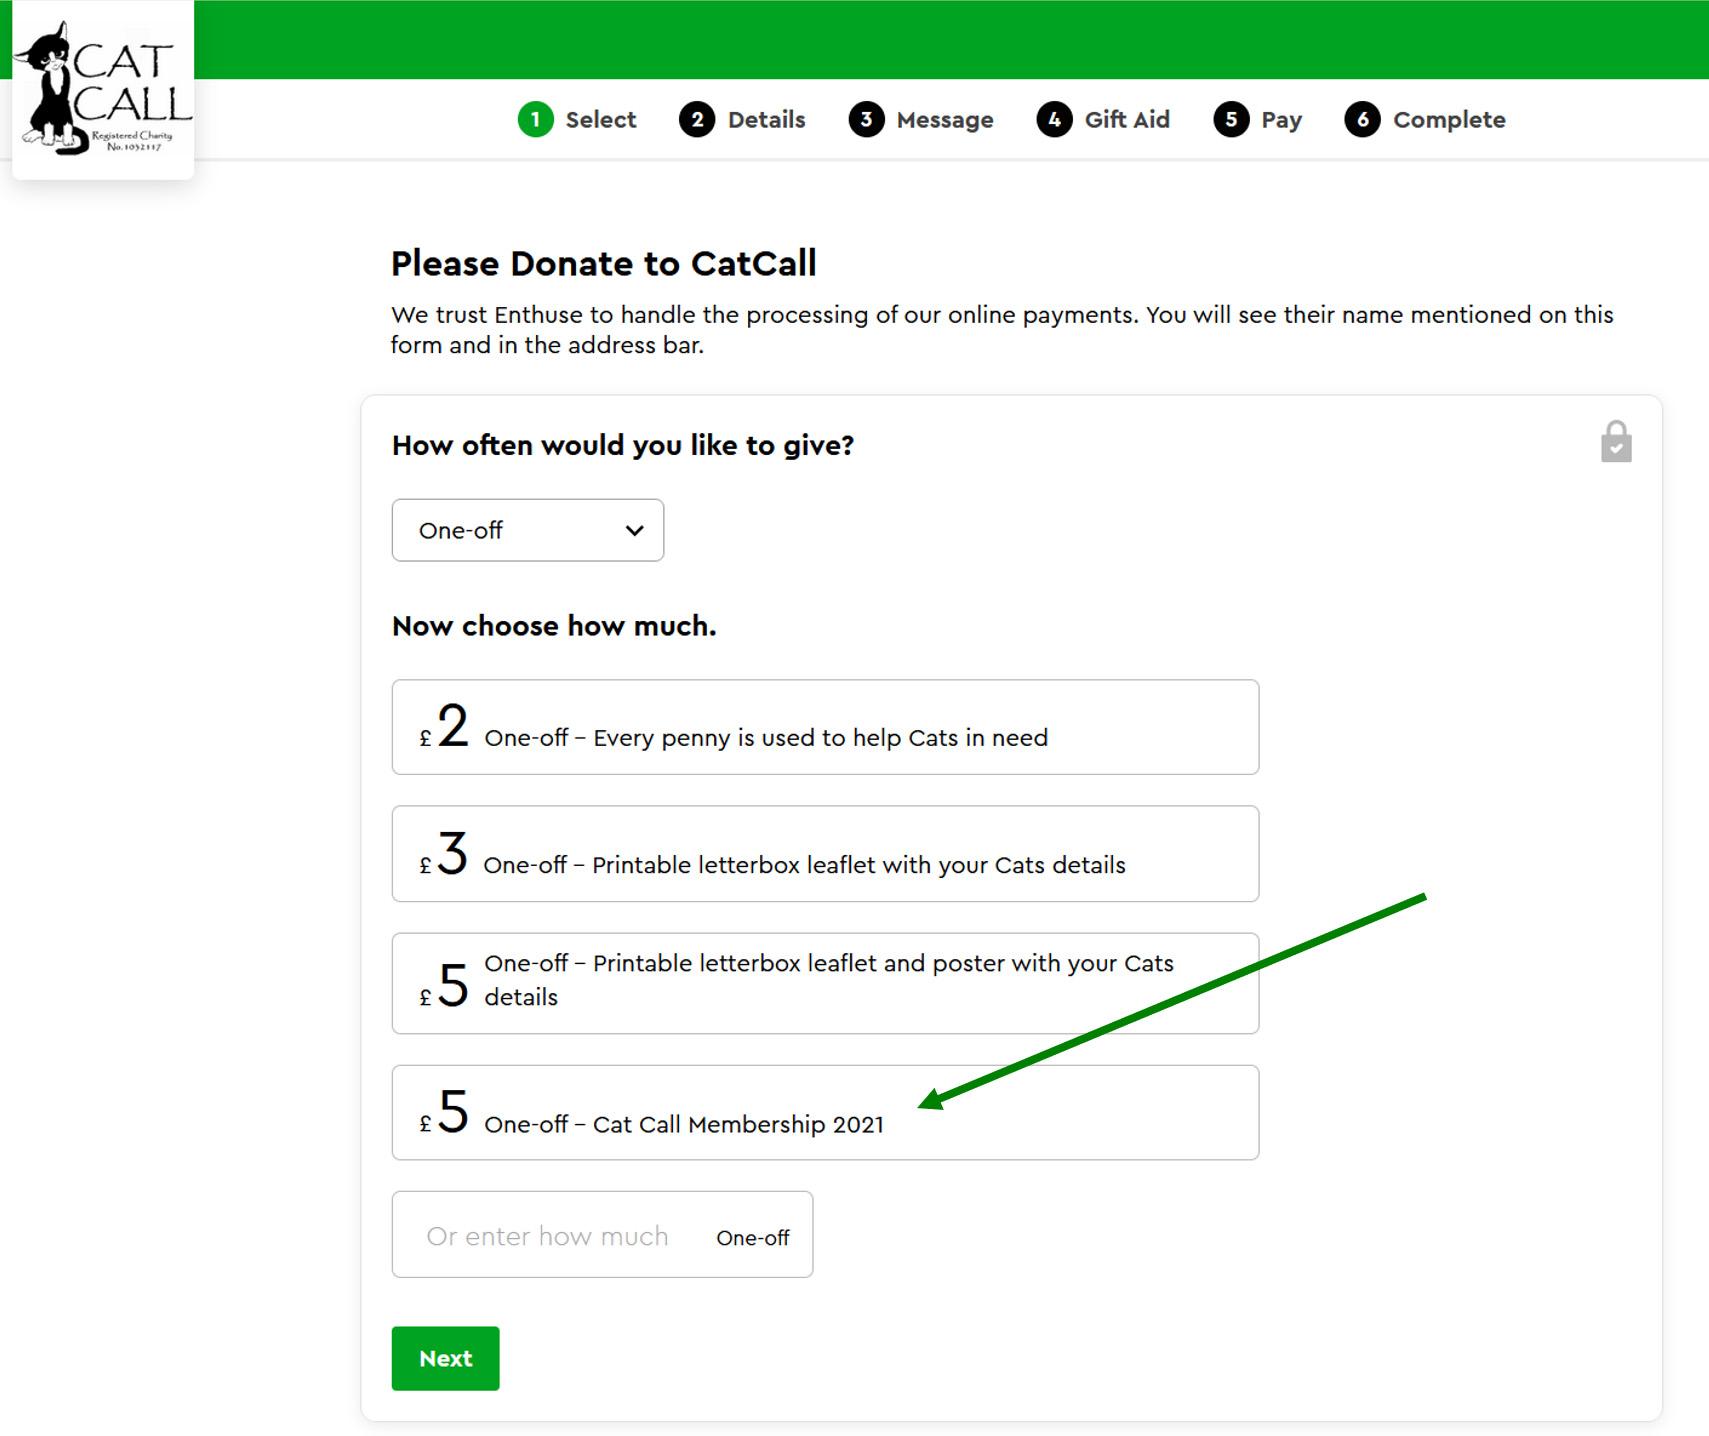 Select Cat Call Membership 2021